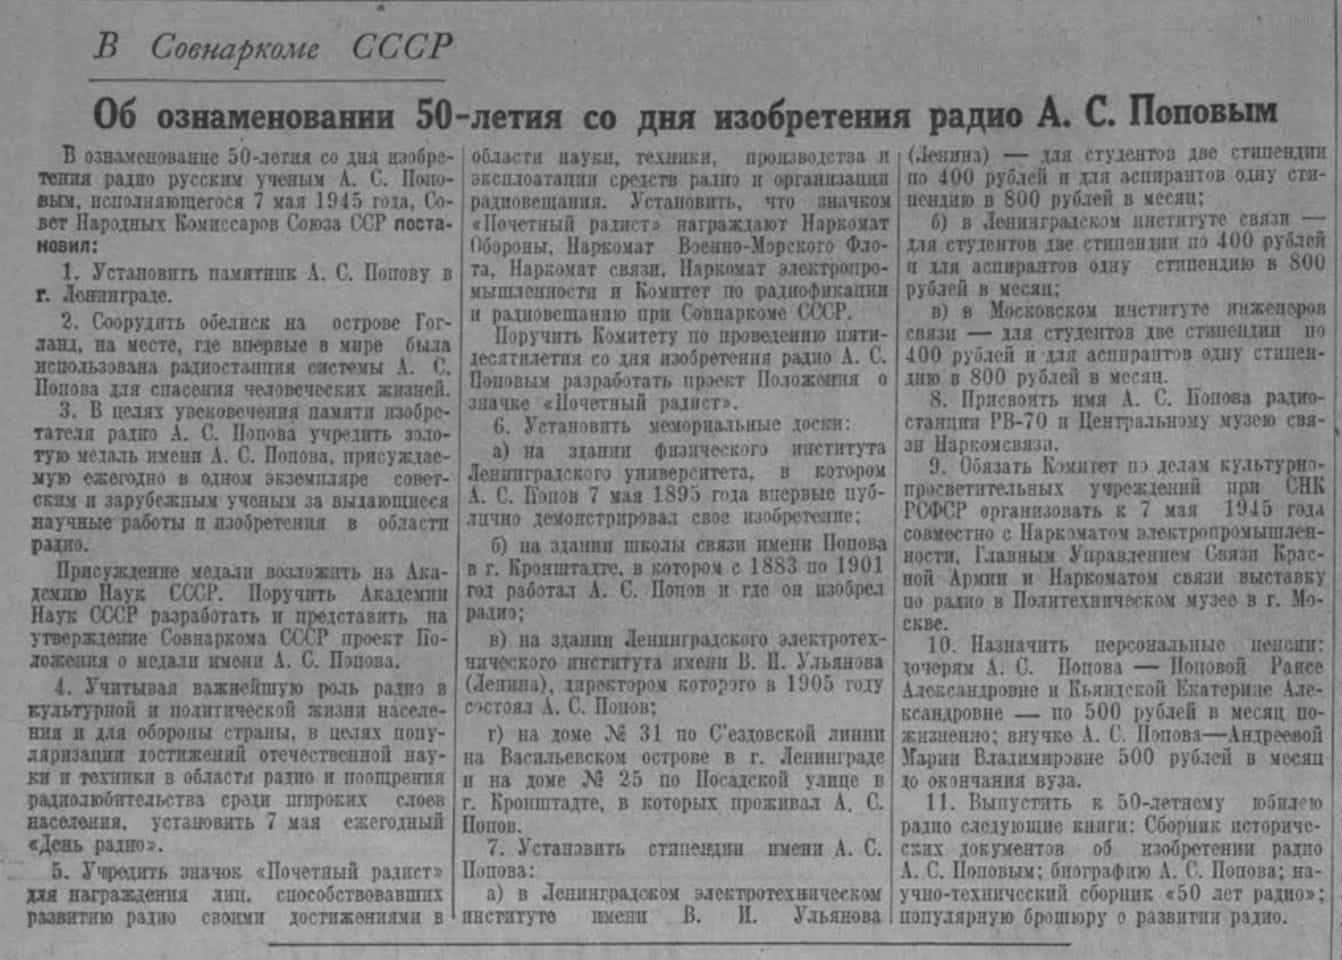 В Совнаркоме СССР. Об ознаменовании 50-летия со дня изобретения радио А.С. Поповым (Газета «Правда» от 03 мая 1945 года)